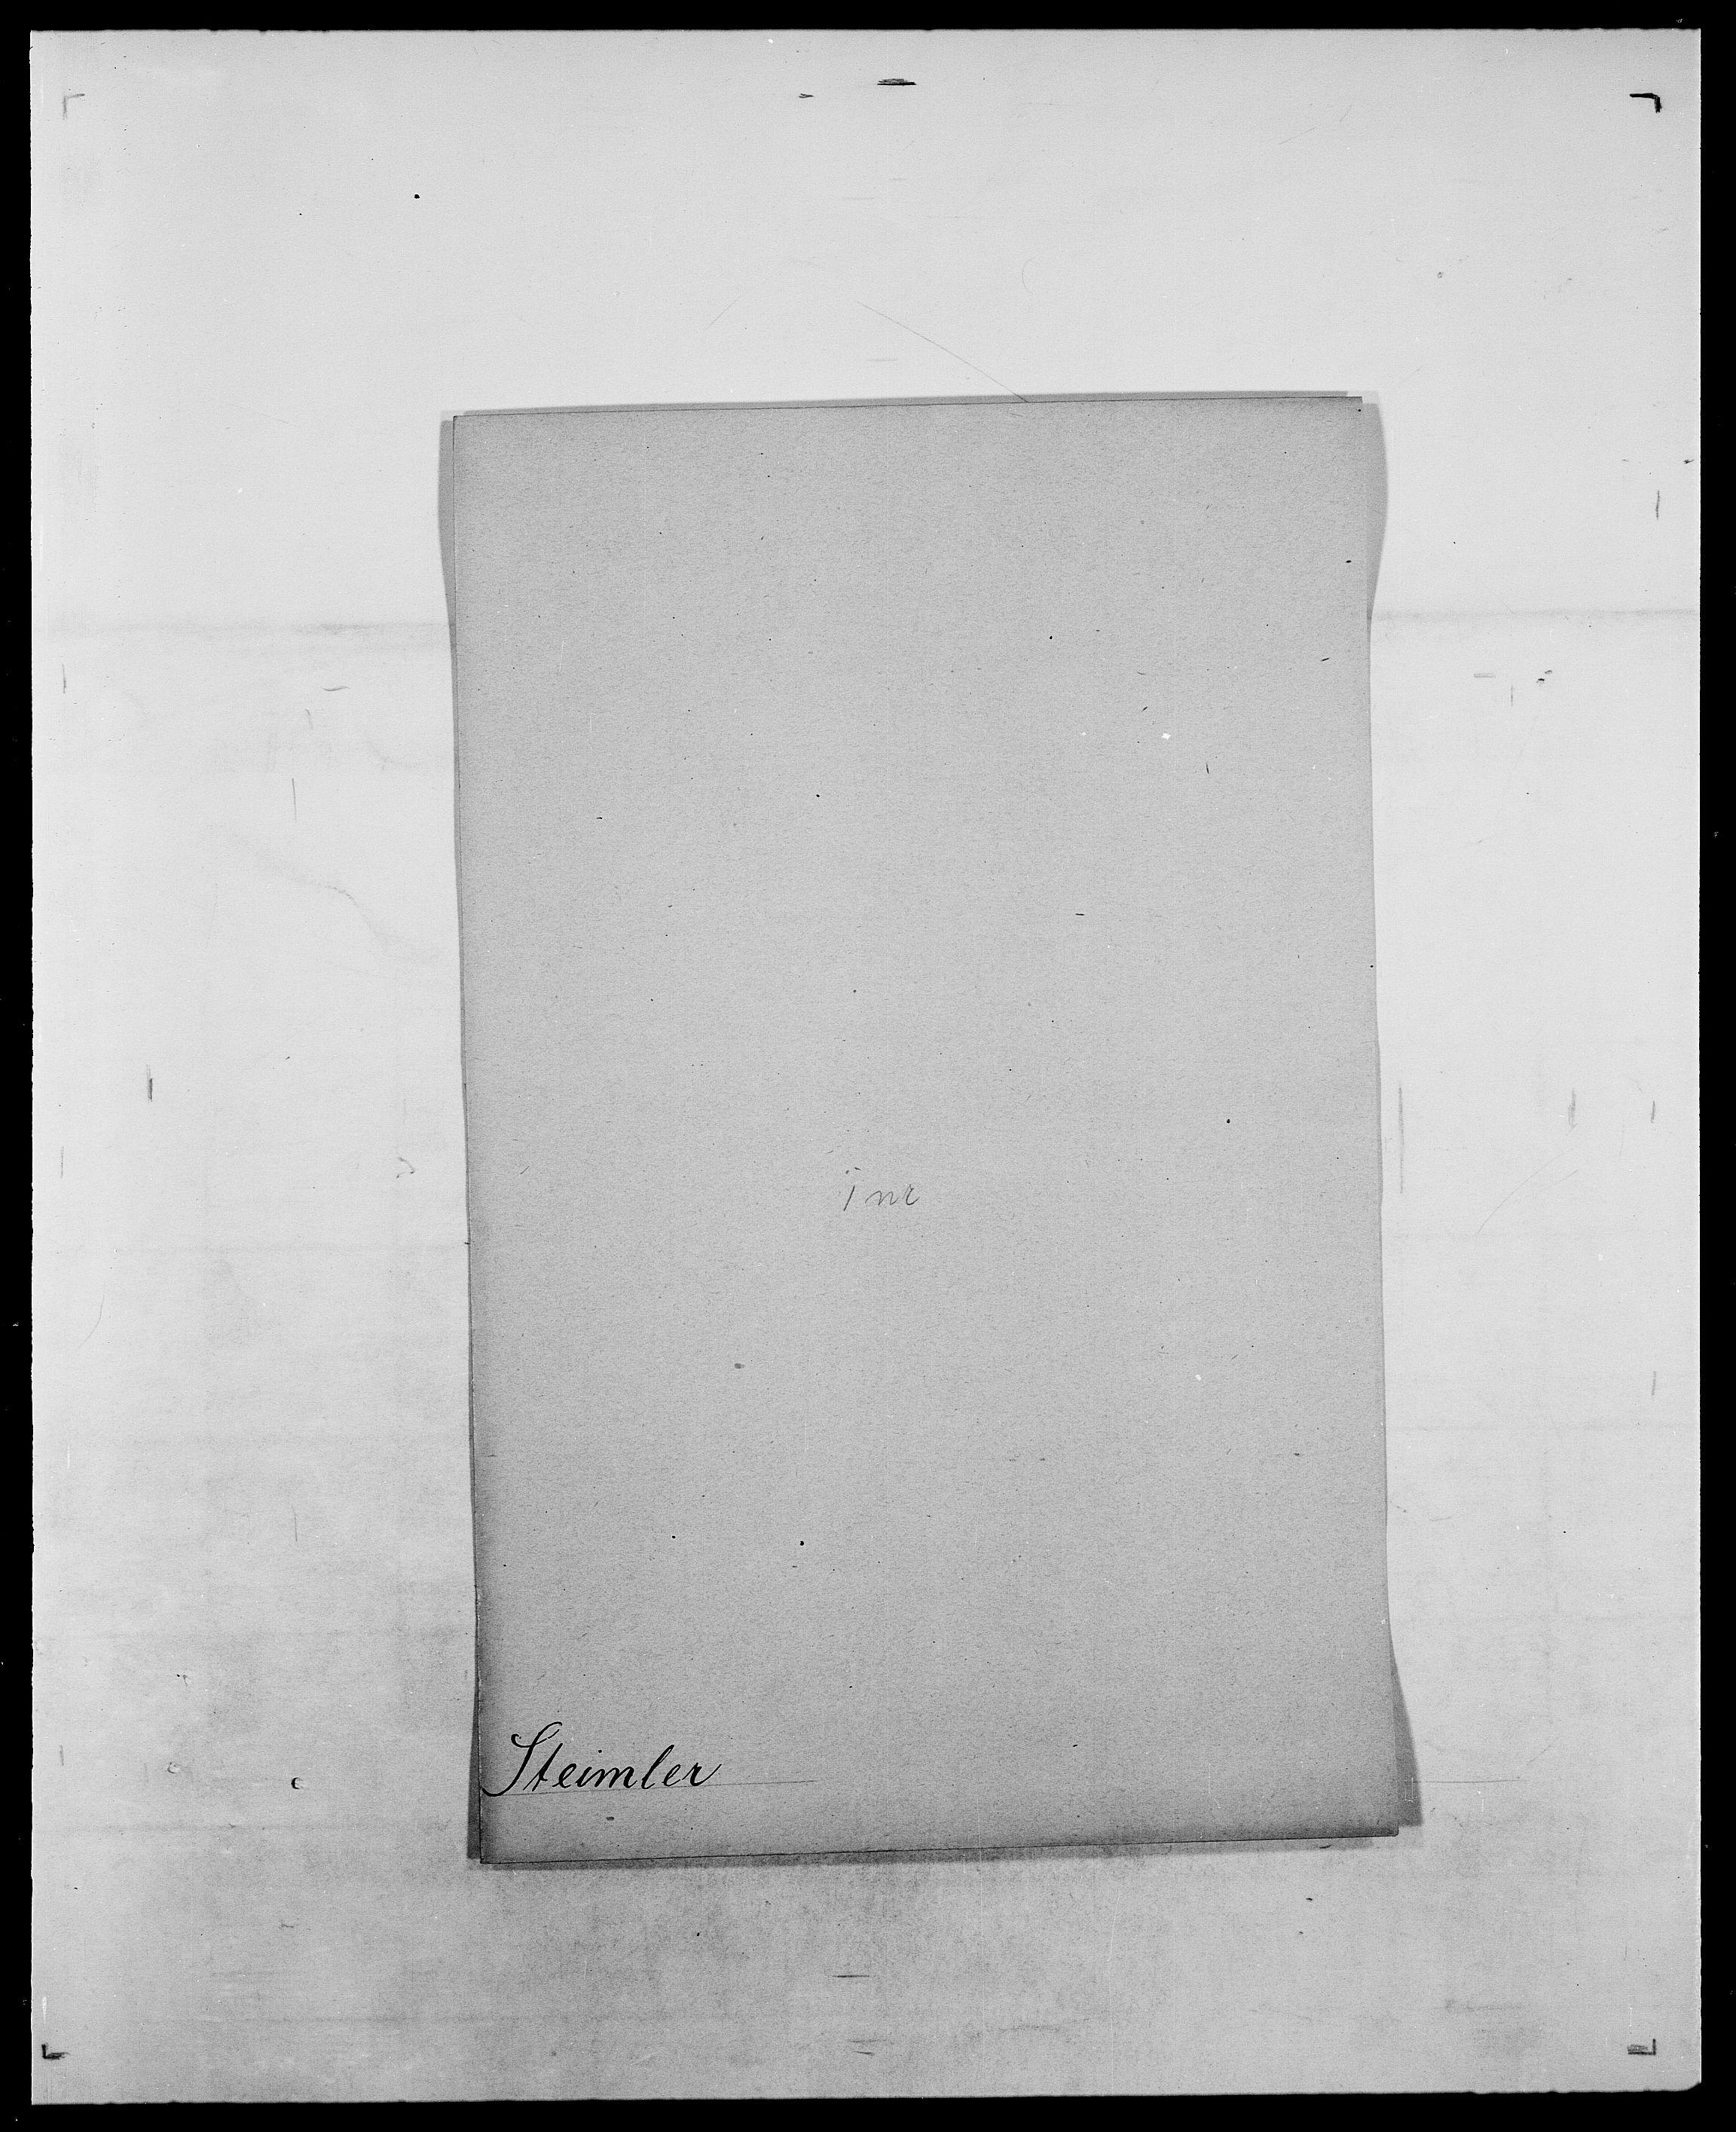 SAO, Delgobe, Charles Antoine - samling, D/Da/L0037: Steen, Sthen, Stein - Svare, Svanige, Svanne, se også Svanning og Schwane, s. 253